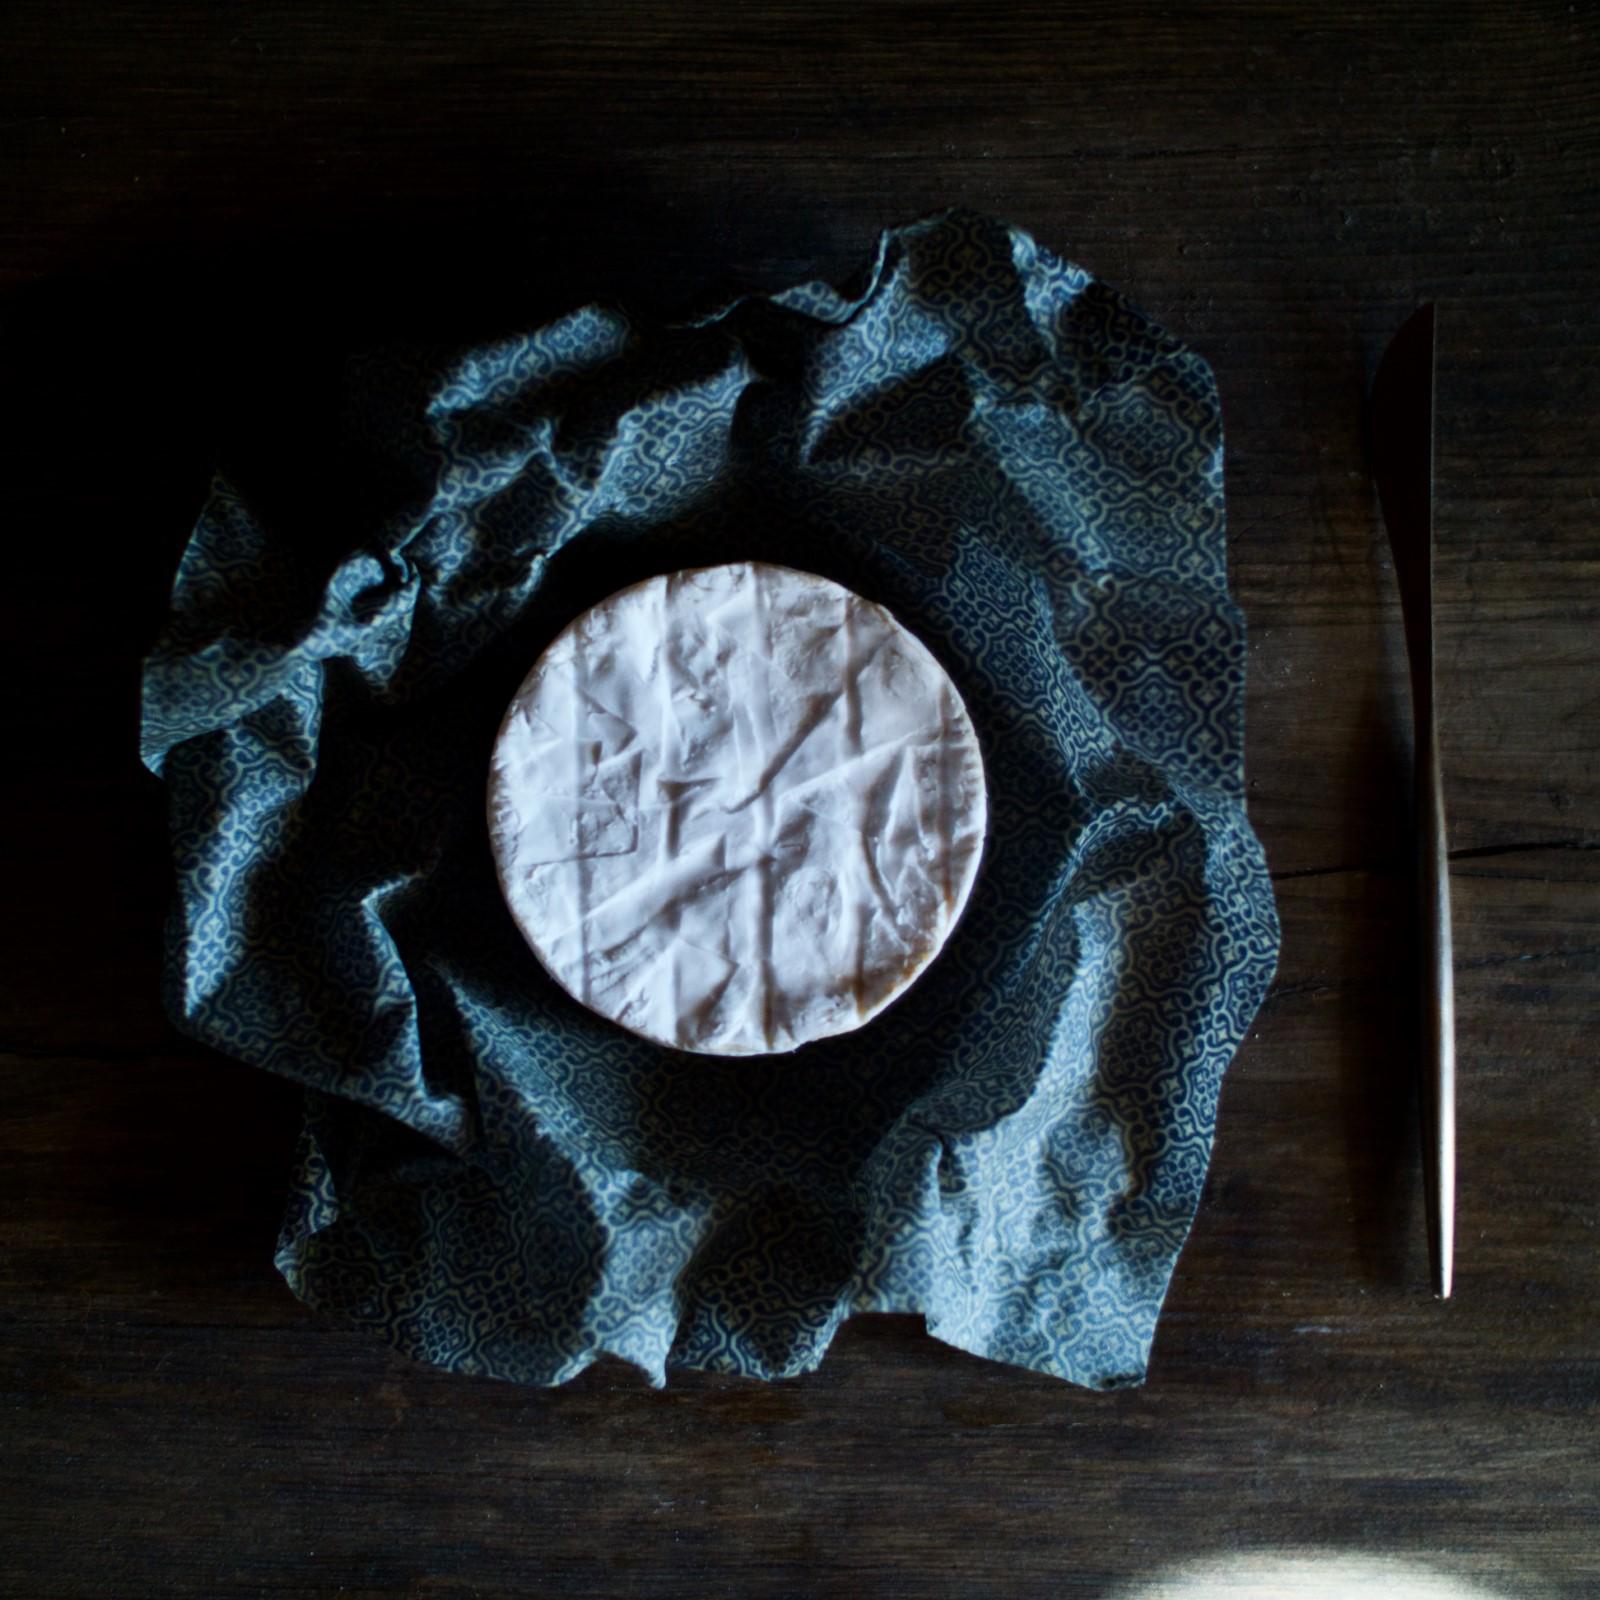 Käse in Wachstuch Maurische Ornamente